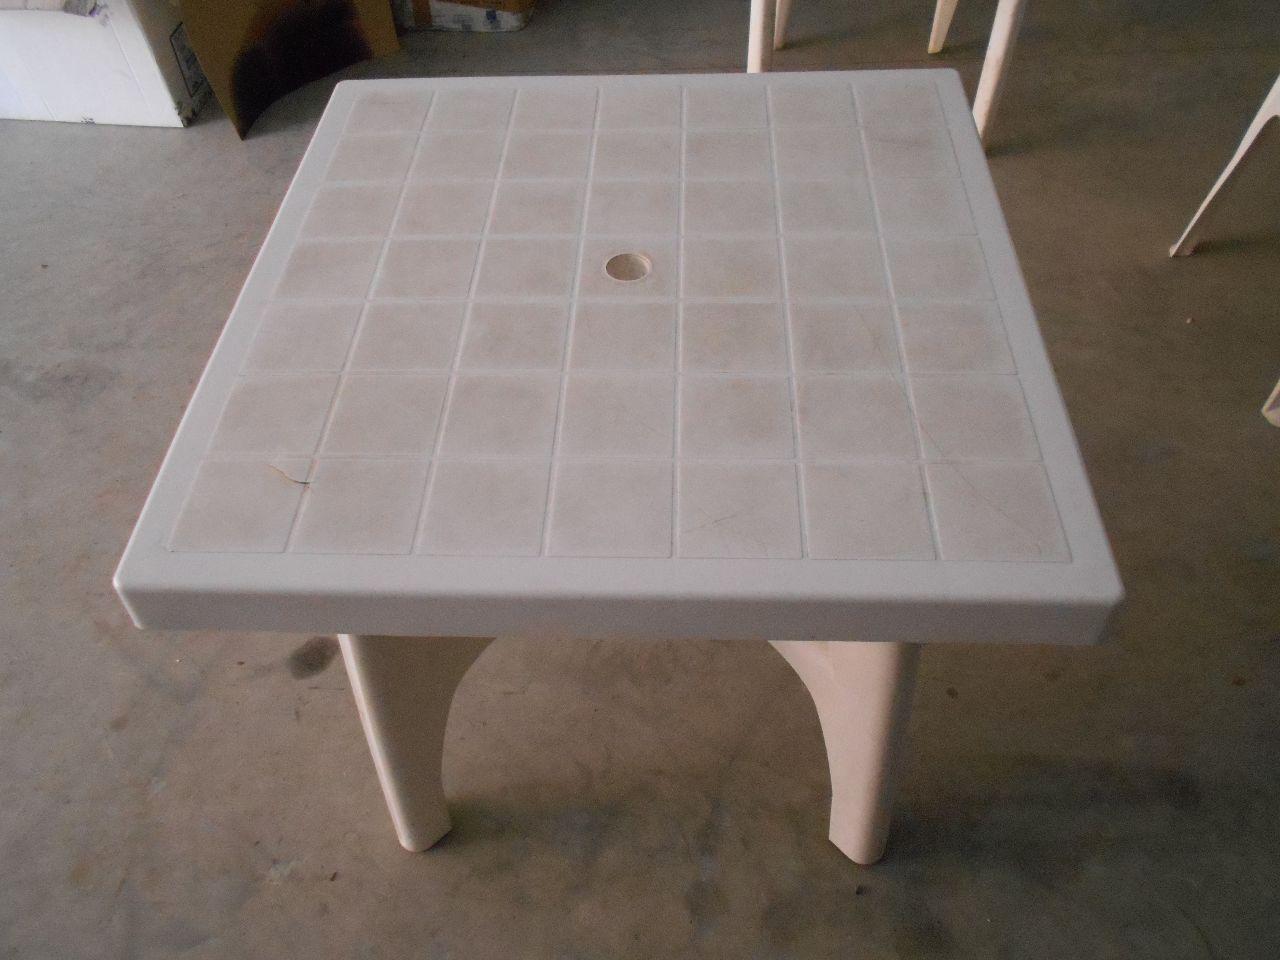 Tavoli Di Plastica Quadrati.Stock Costituito Da N 16 Tavoli Quadrati In Plastica E N 46 Sedie In